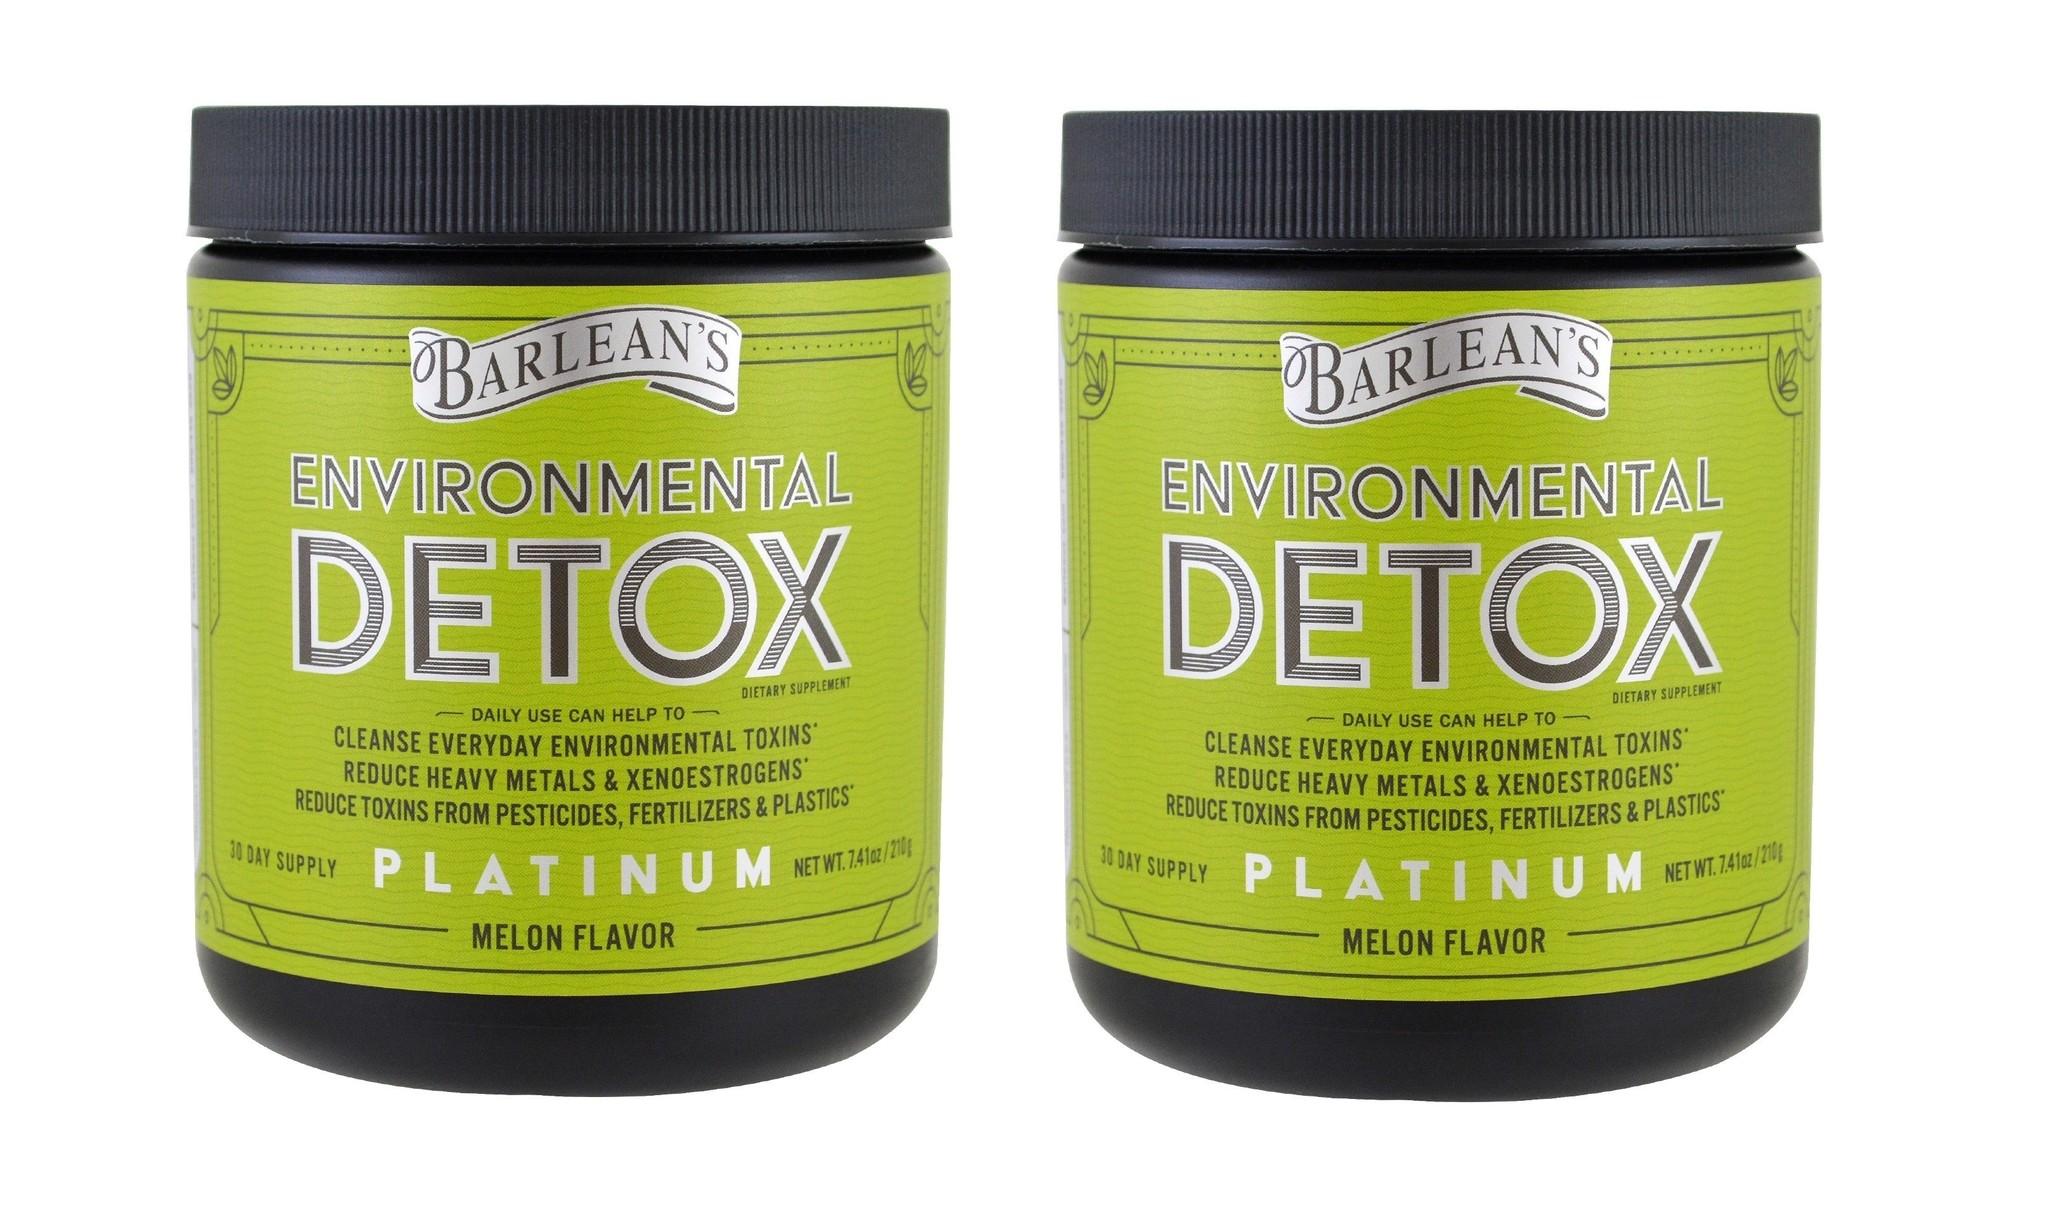 Barlean's Environmental Detox, Melon Flavor, 7.41 oz (210 g), 2-pack